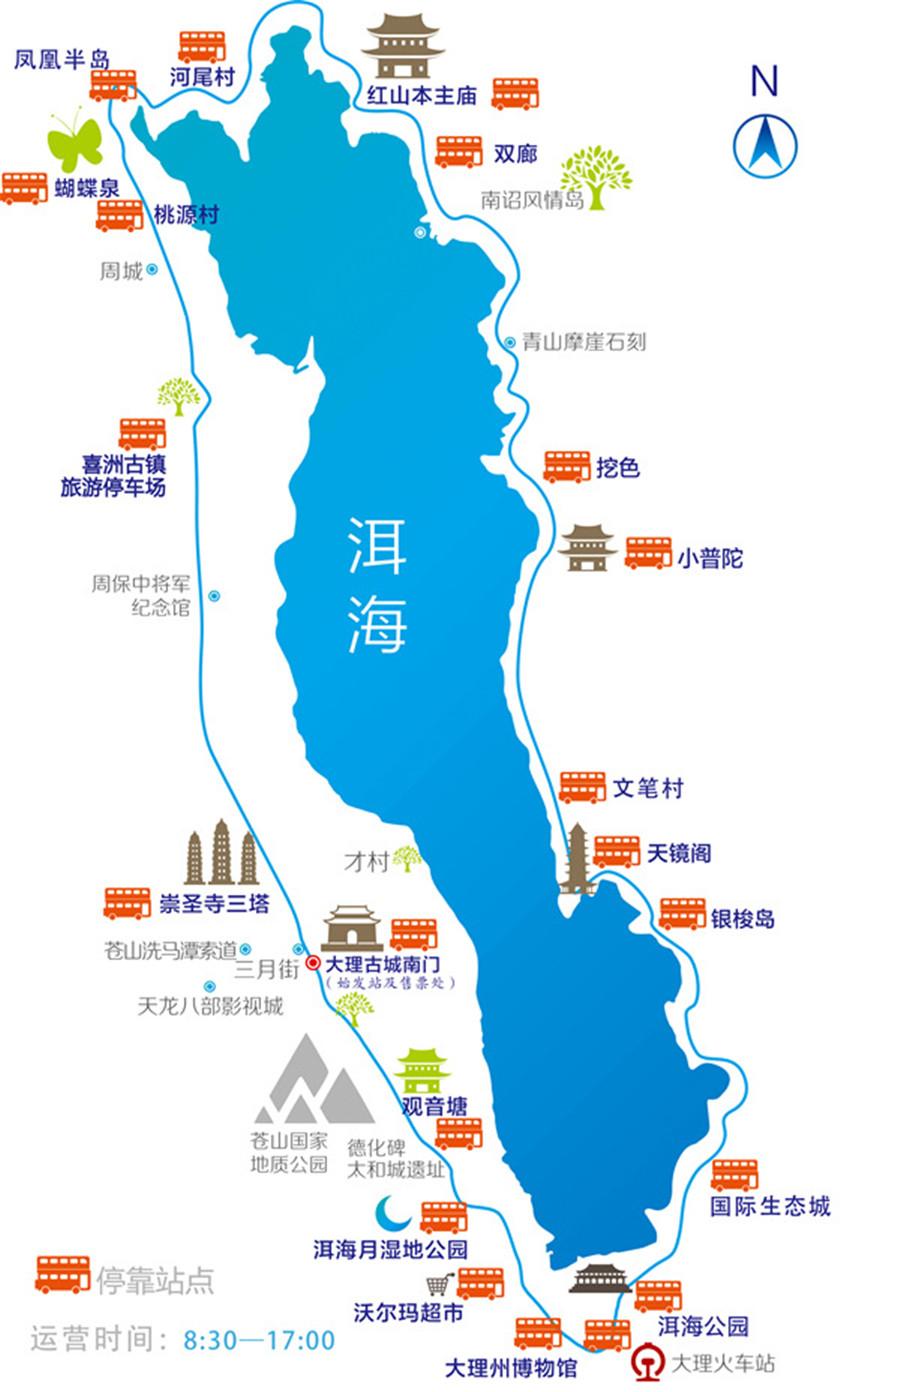 到罗荃半岛旅游区交通地图